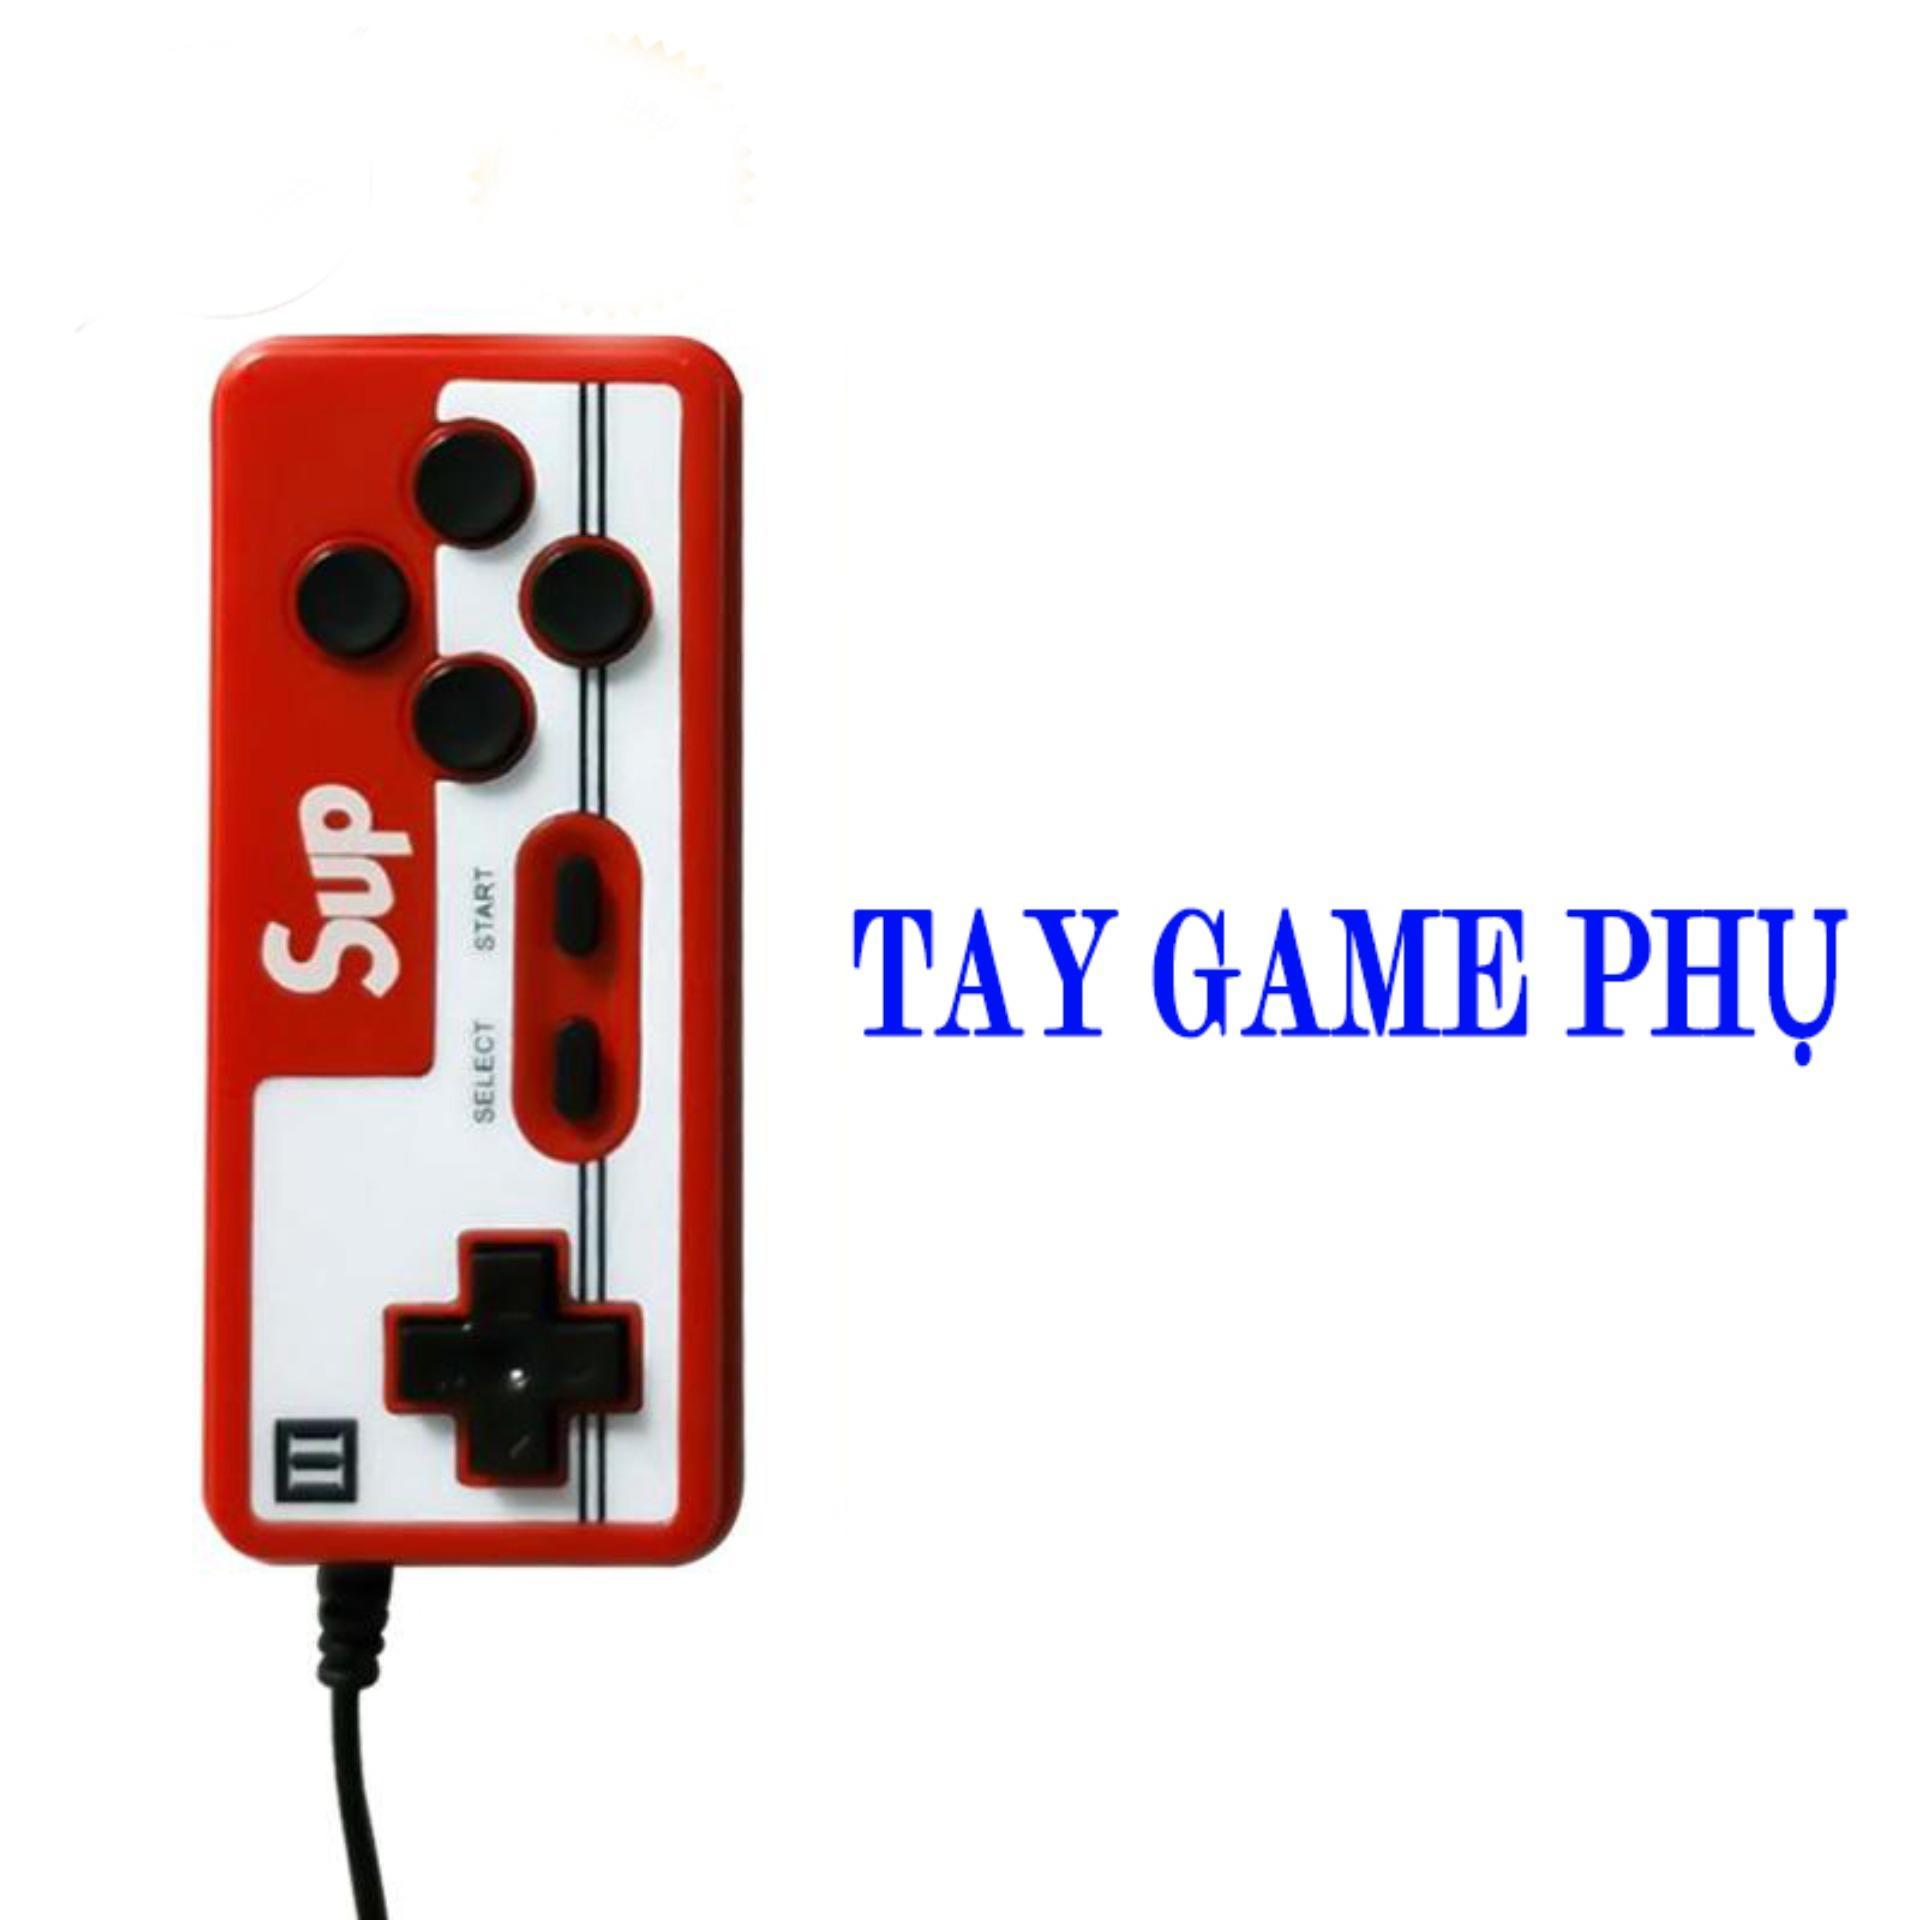 Máy Chơi Game Cầm Tay SUP MINI 400 in 1, Máy Chơi Game Sup, Máy Game Cầm Tay (Chưa bao gồm pin sạc và cáp sạc) (Màu Ngẫu Nhiên)